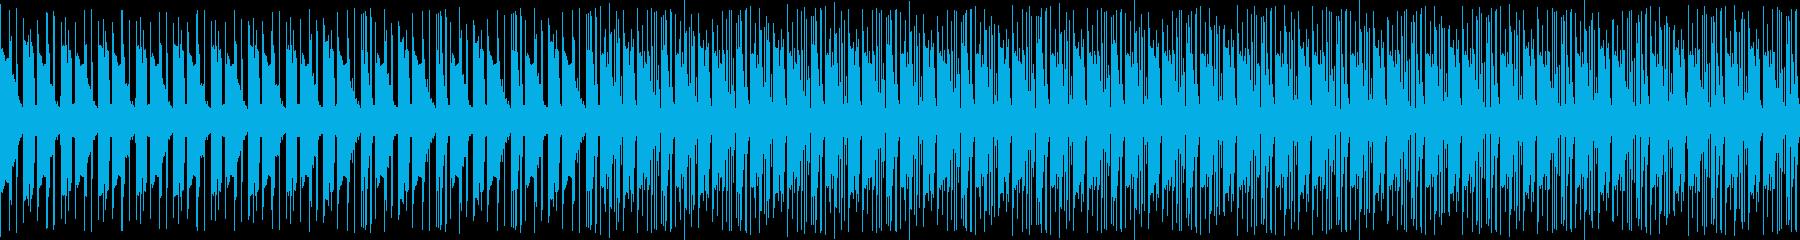 ホラー系スローダウンブレイクビーツの再生済みの波形